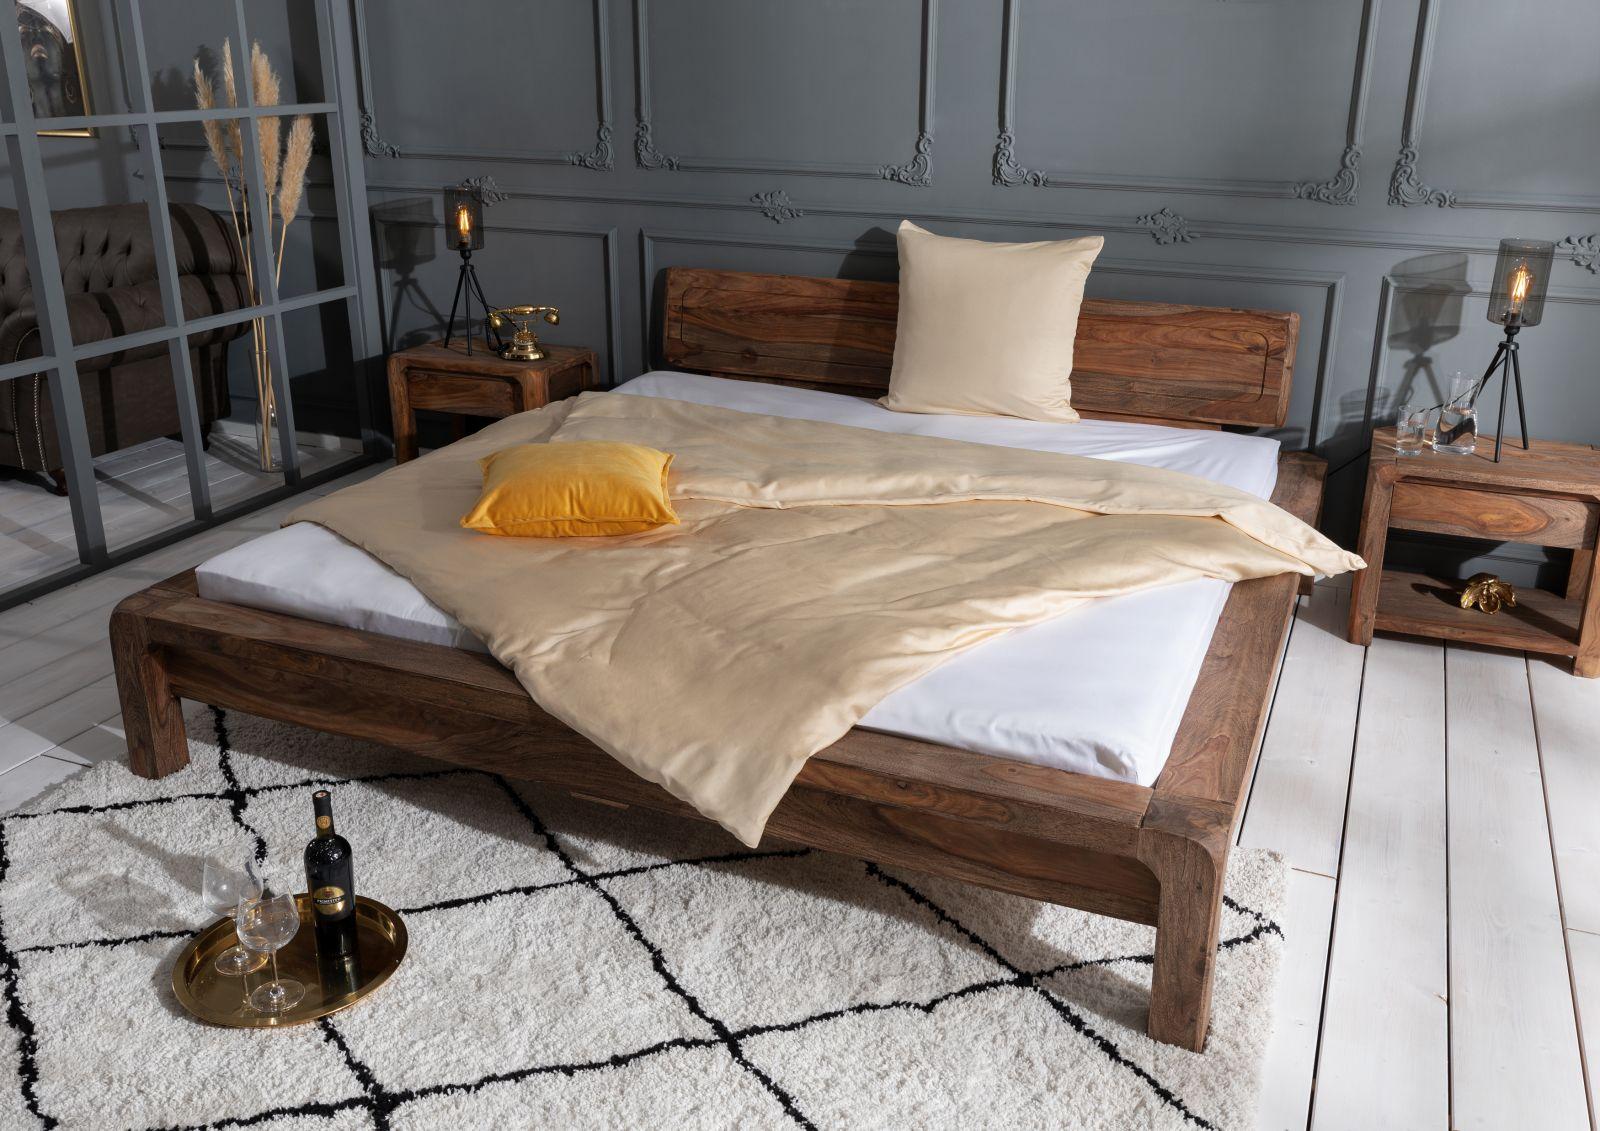 Full Size of Bett Modern Aus Sheesham Palisander Holz Gelt Grau Mädchen Betten Ausgefallene Dico Hasena 200x220 Düsseldorf Teenager Ruf Fabrikverkauf Günstig Kaufen Bett Runde Betten